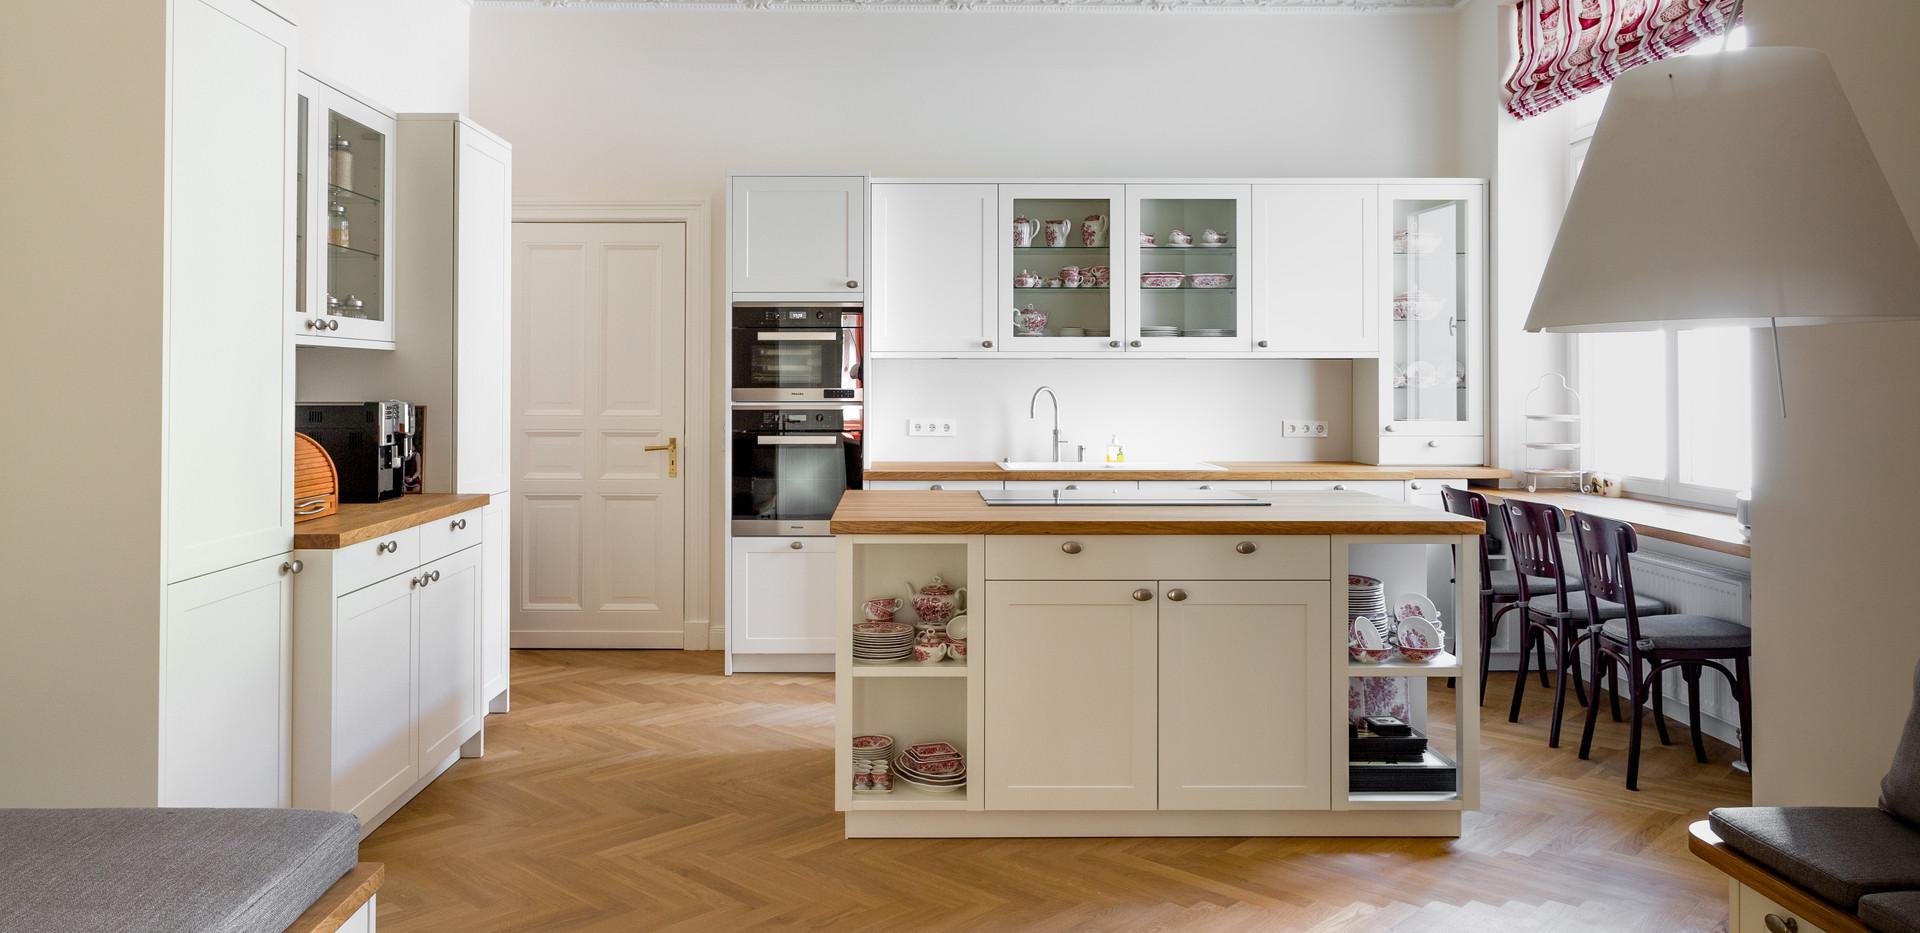 Küche_Wins_01.jpg